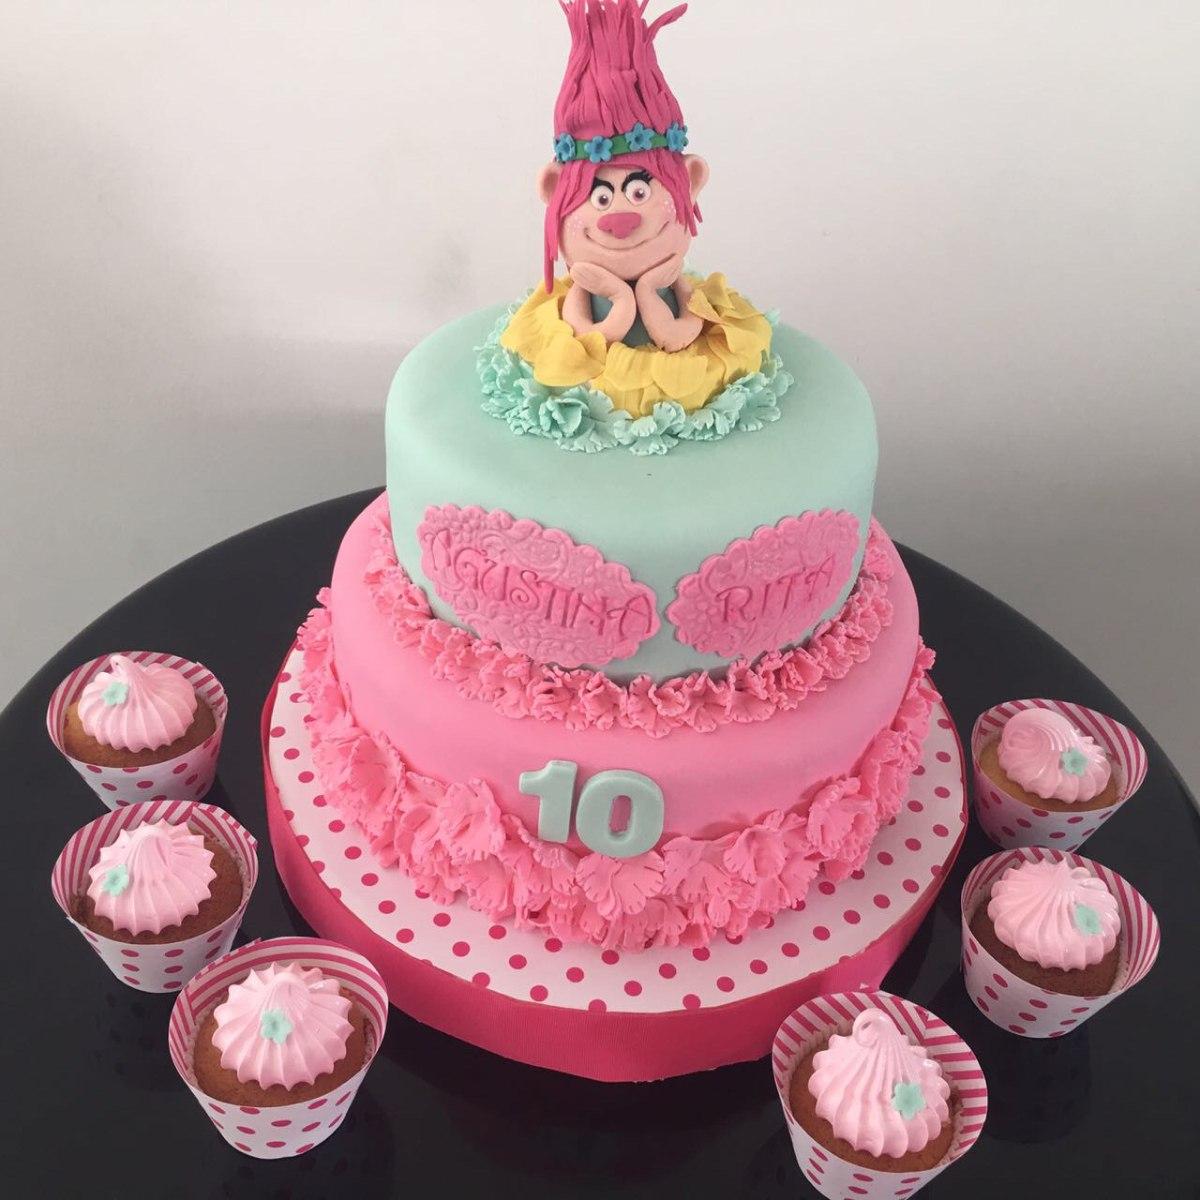 Torta cumplea os decorada 550 00 en mercado libre for Tortas decoradas faciles